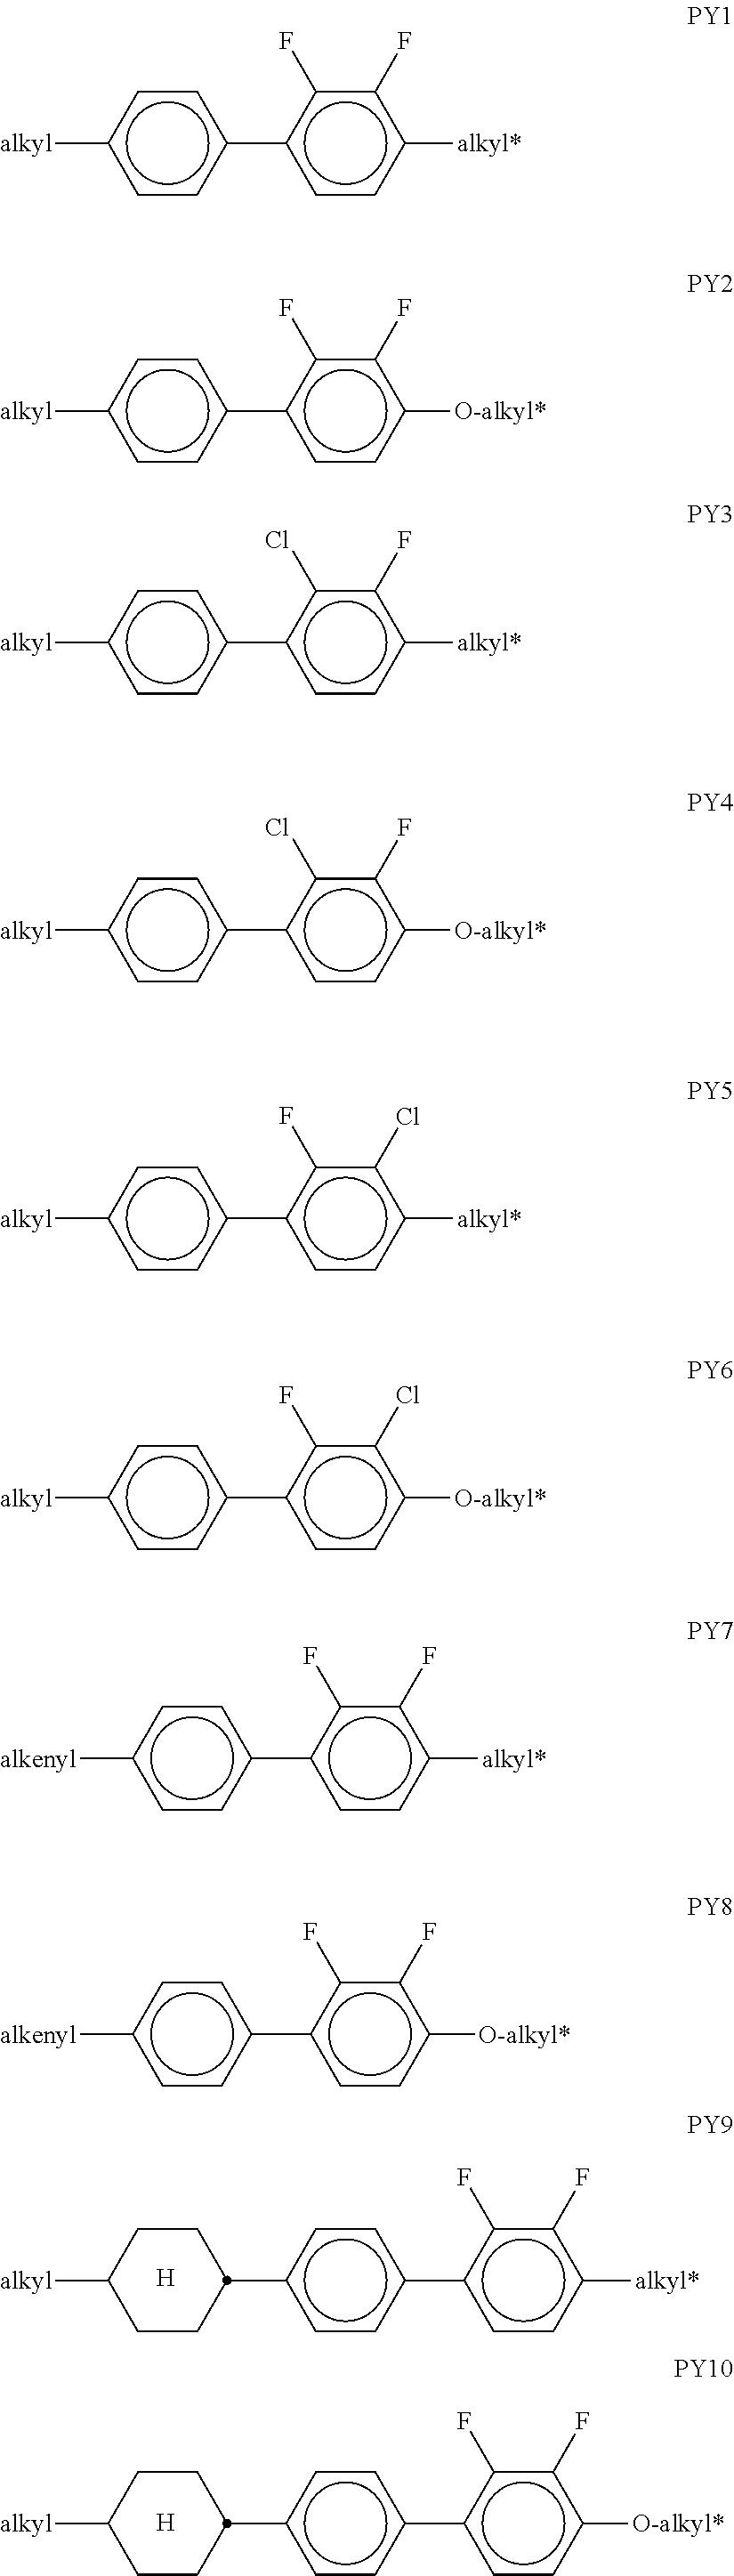 Figure US09212311-20151215-C00025